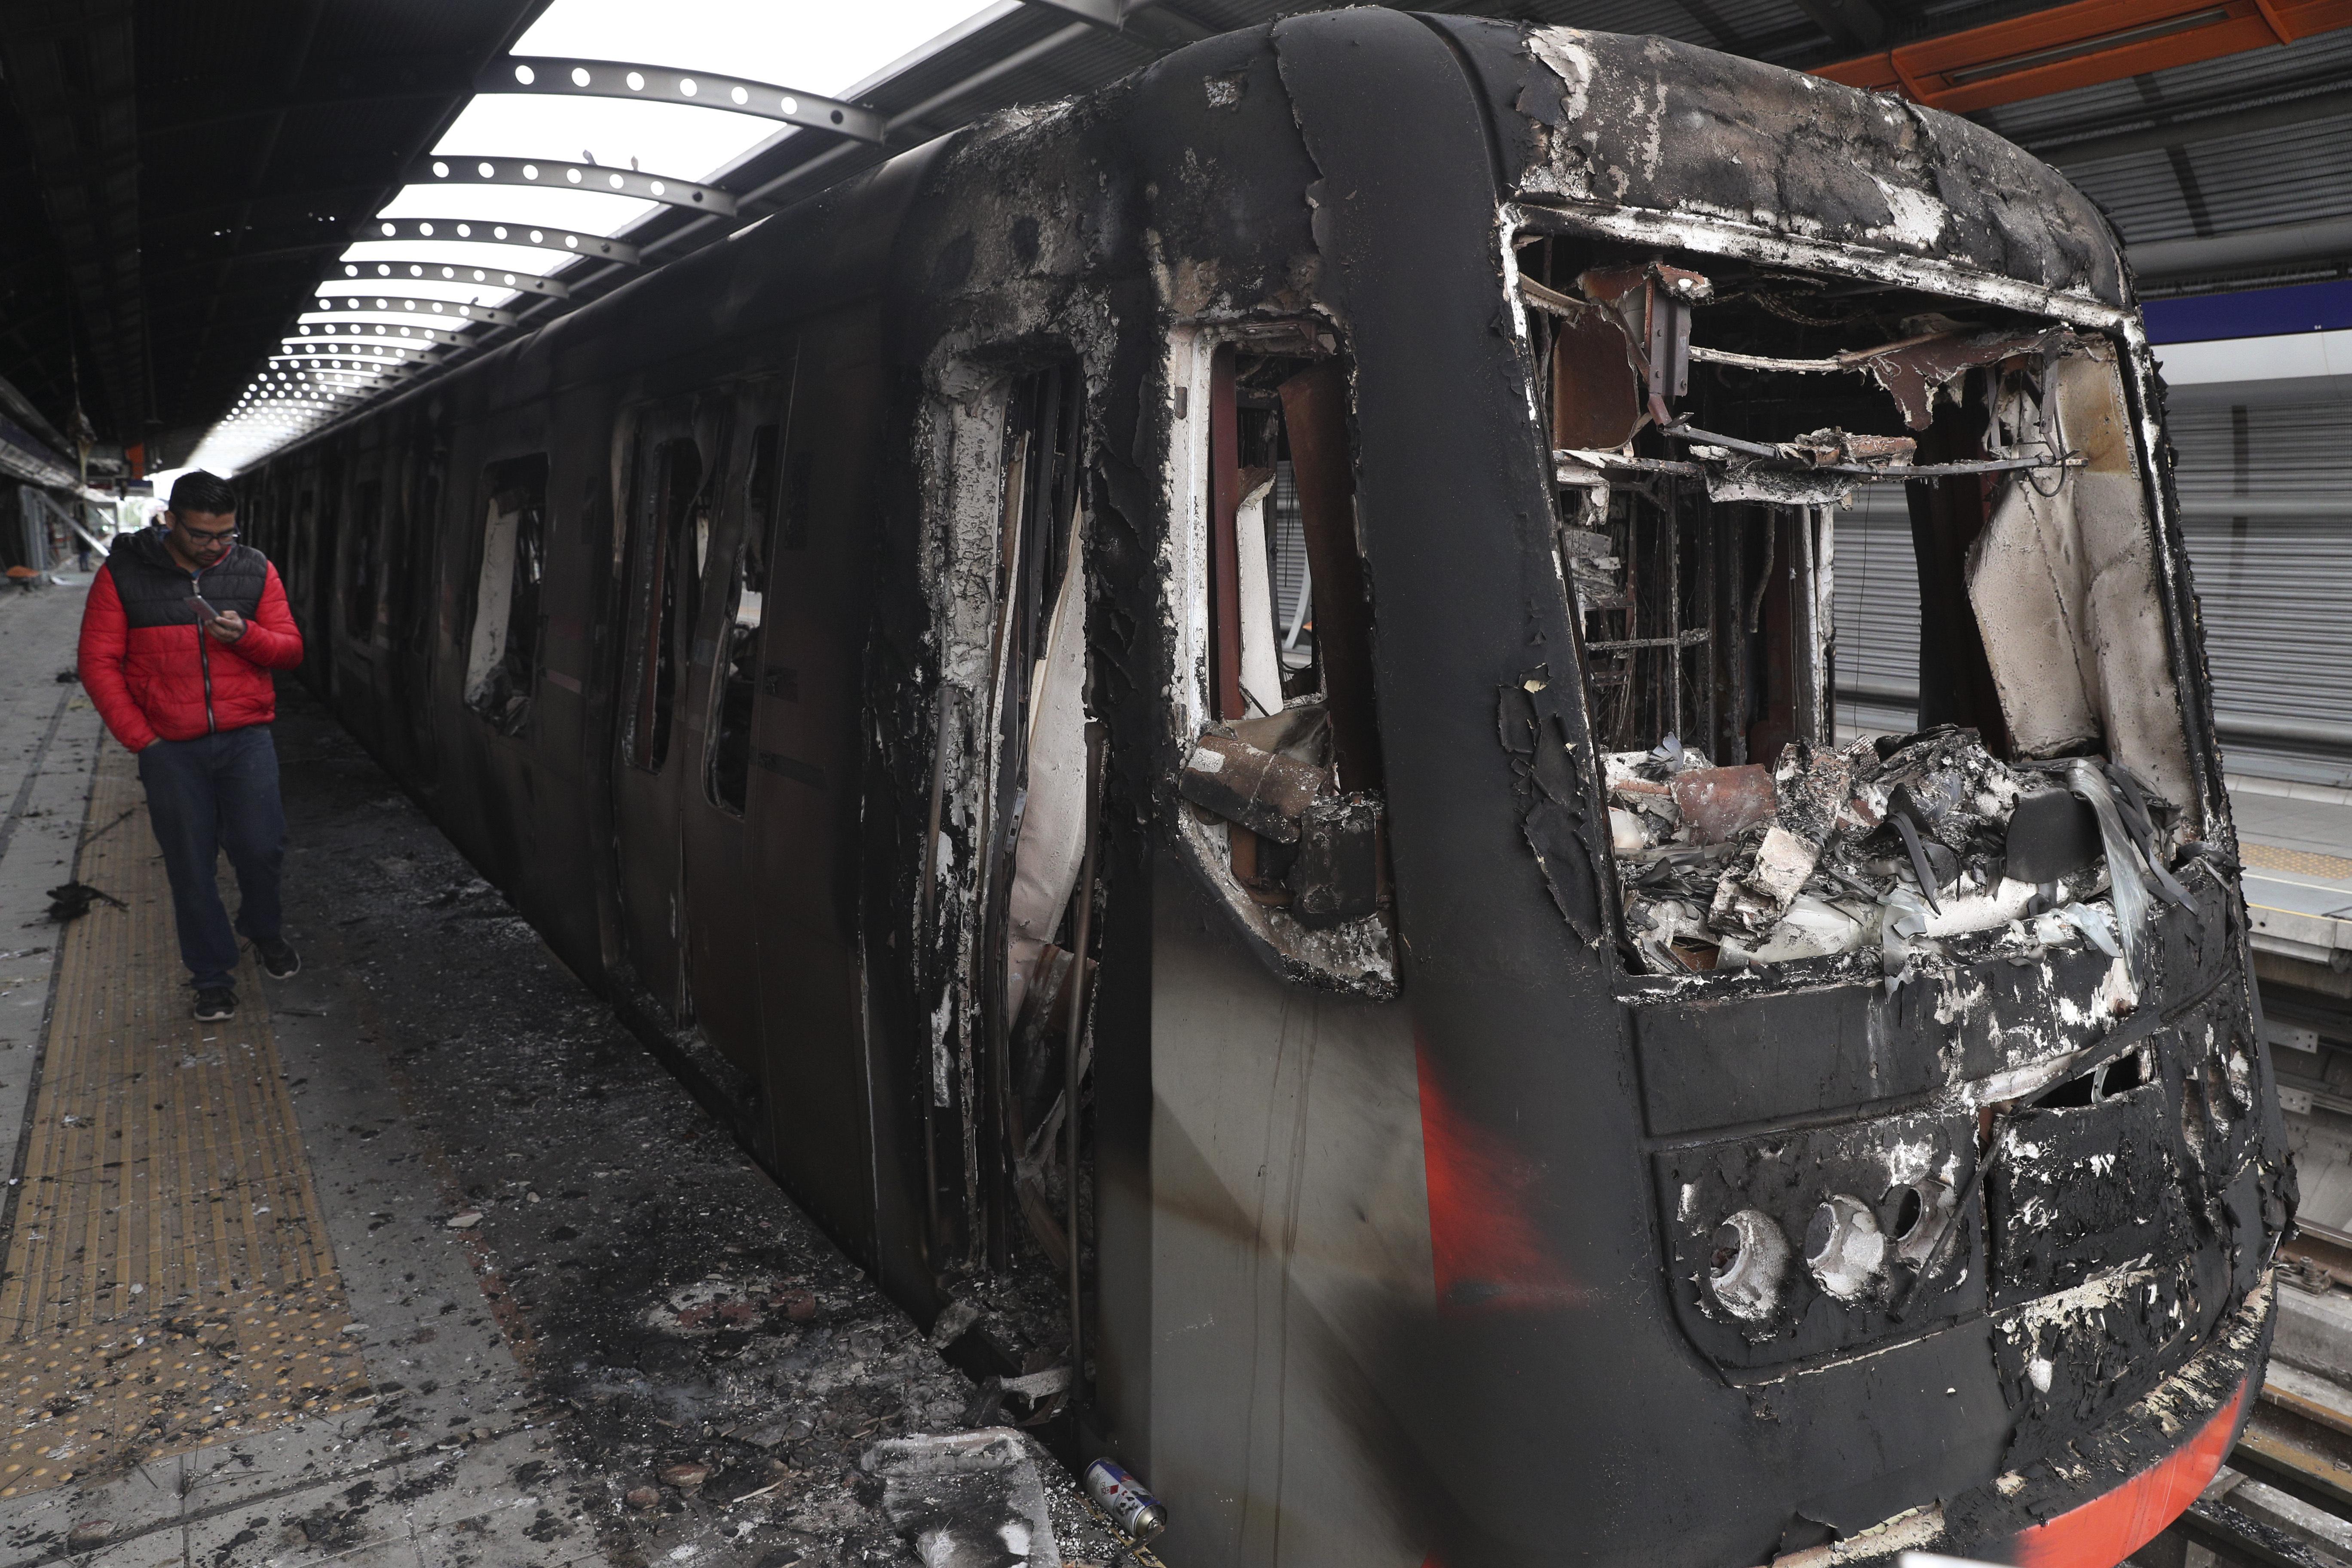 Un tren ennegrecido por el fuego tras el ataque de manifestantes en la estación Elisa Correa